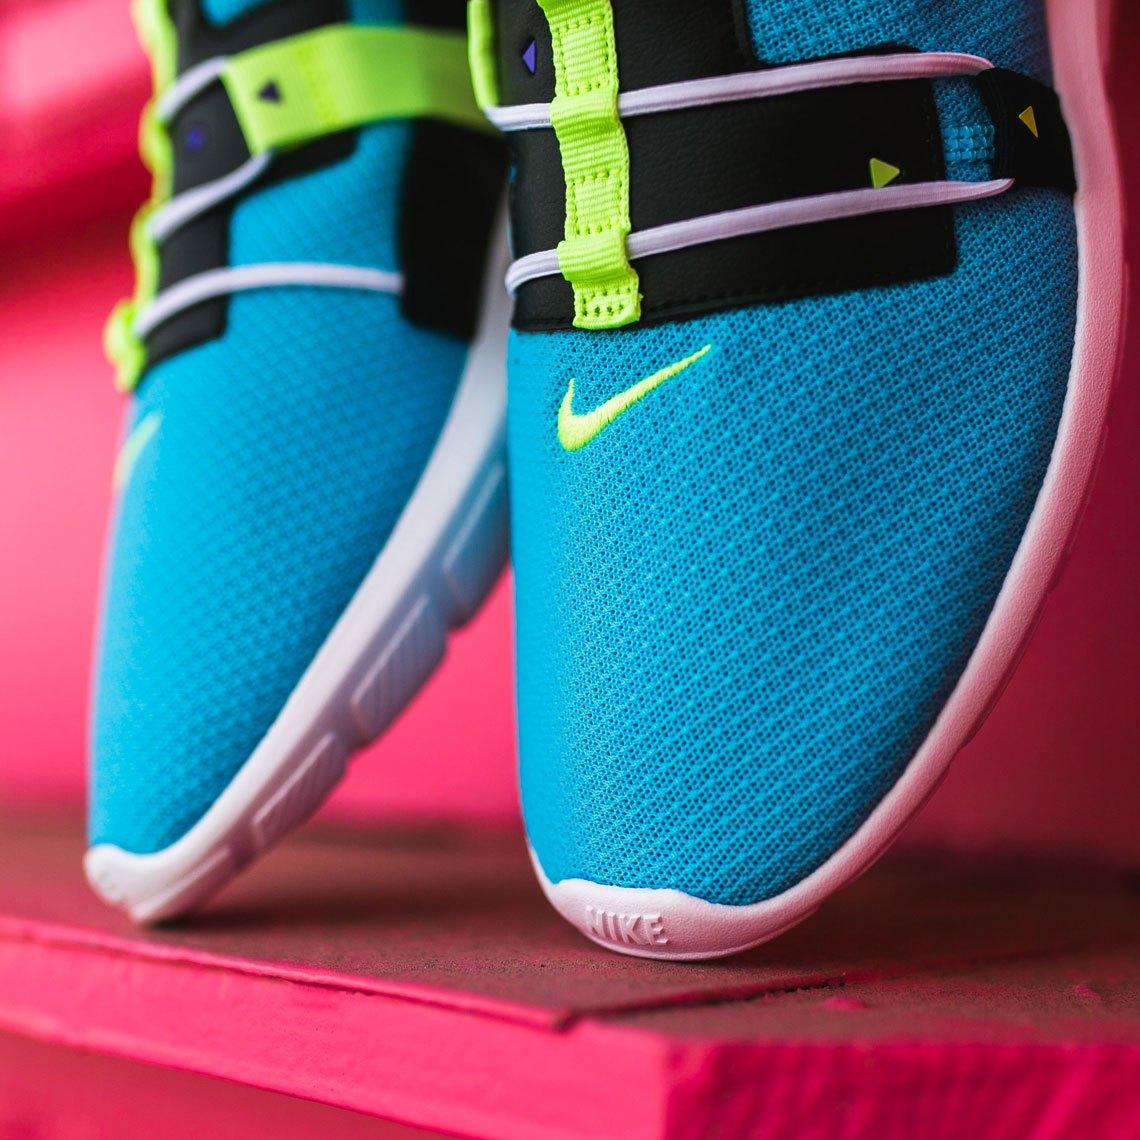 nike-vortak-lifestyle-shoe-6